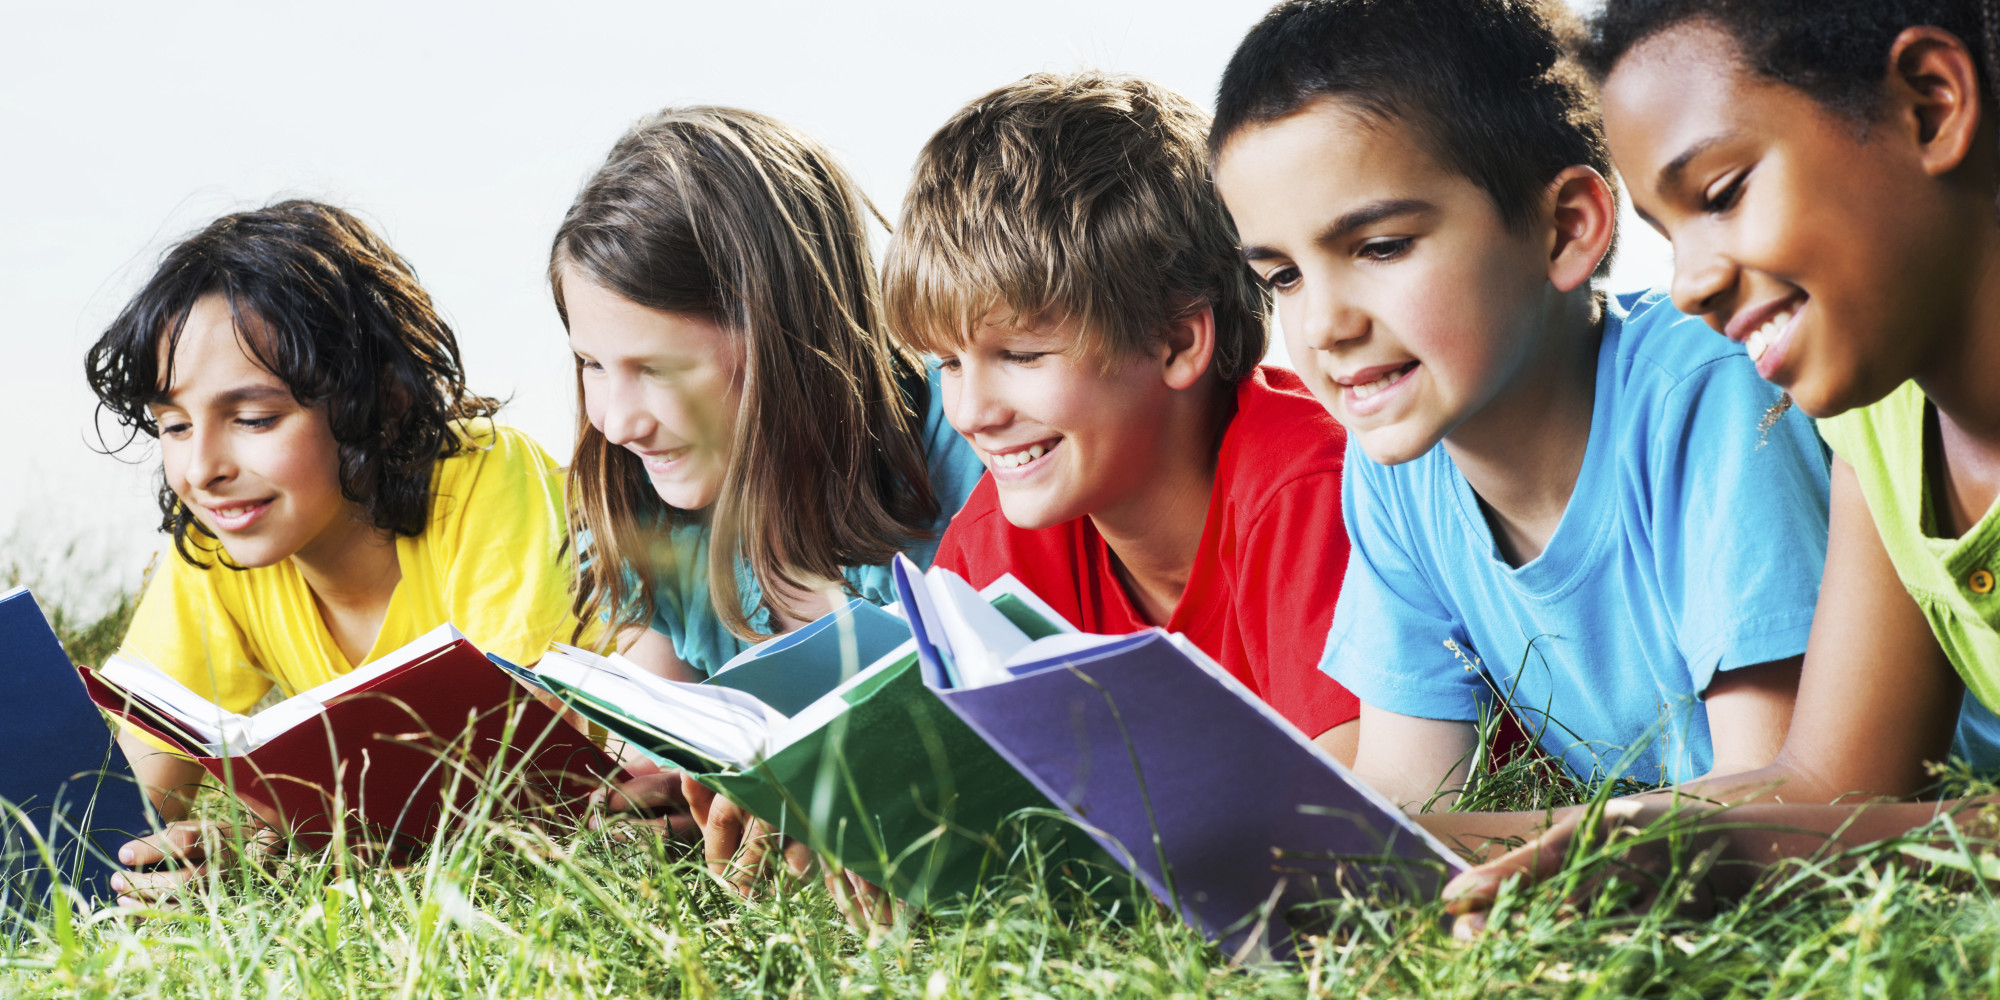 Poesie sulla vita da insegnare ai bambini